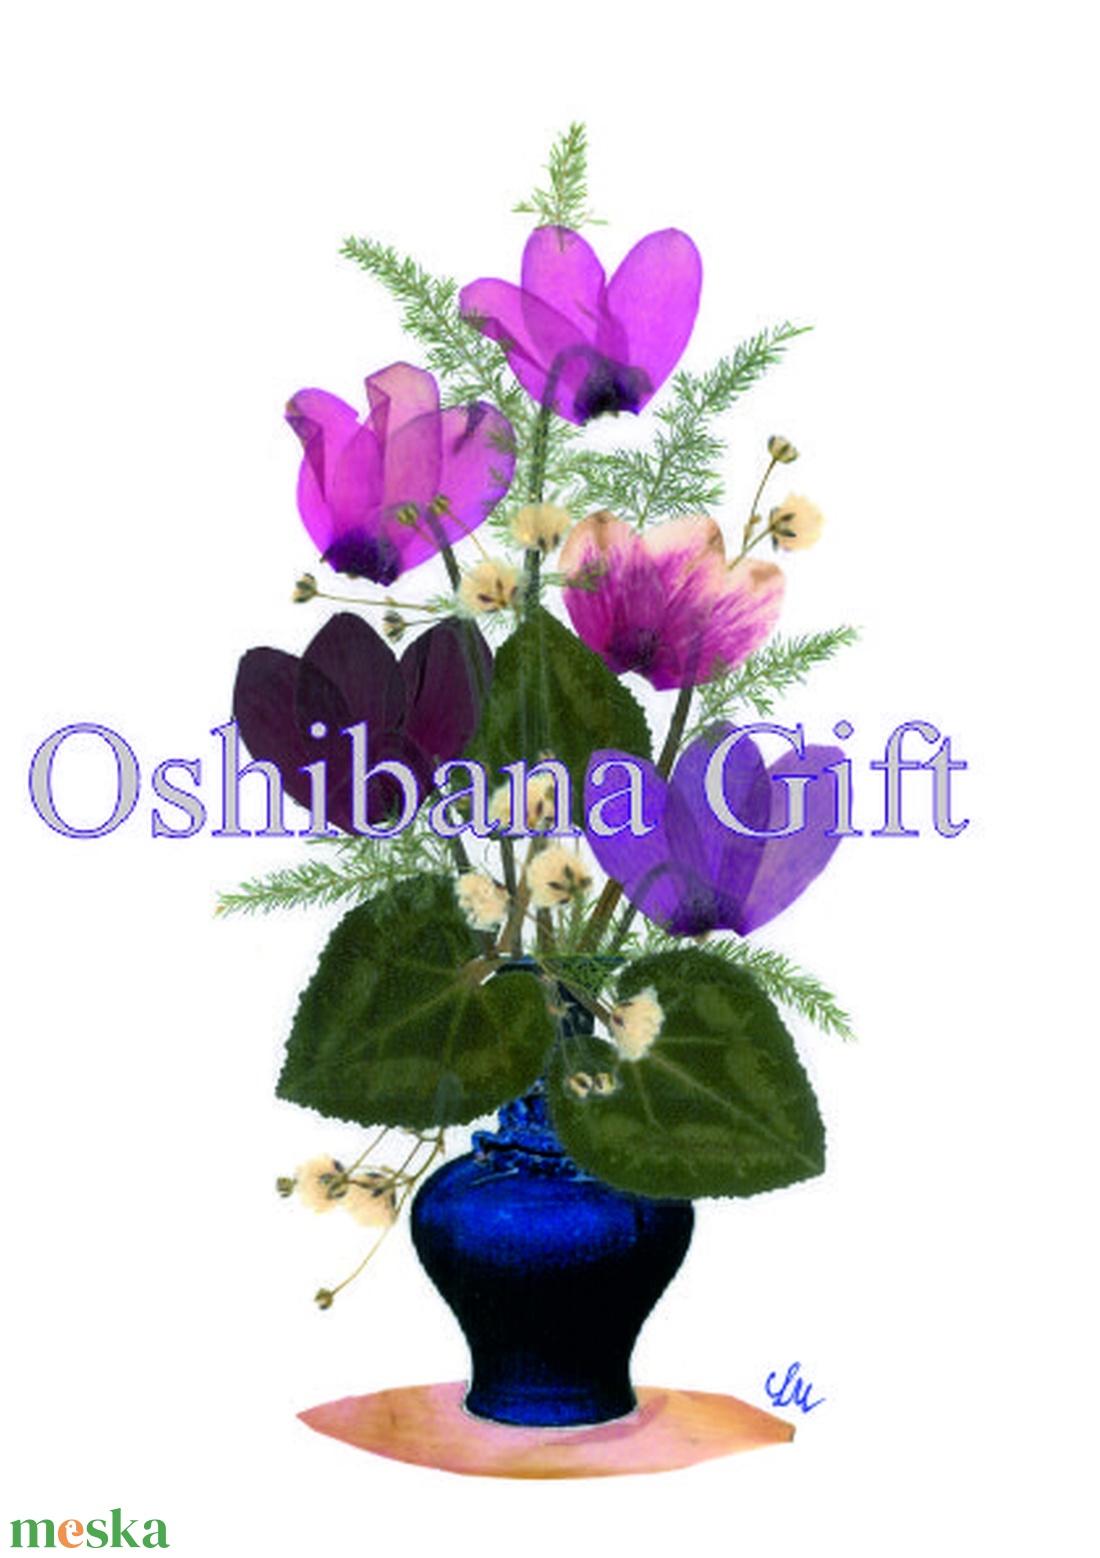 10 db Üdvözlőlap, préselt virág nyomat, ajándék,  - Meska.hu